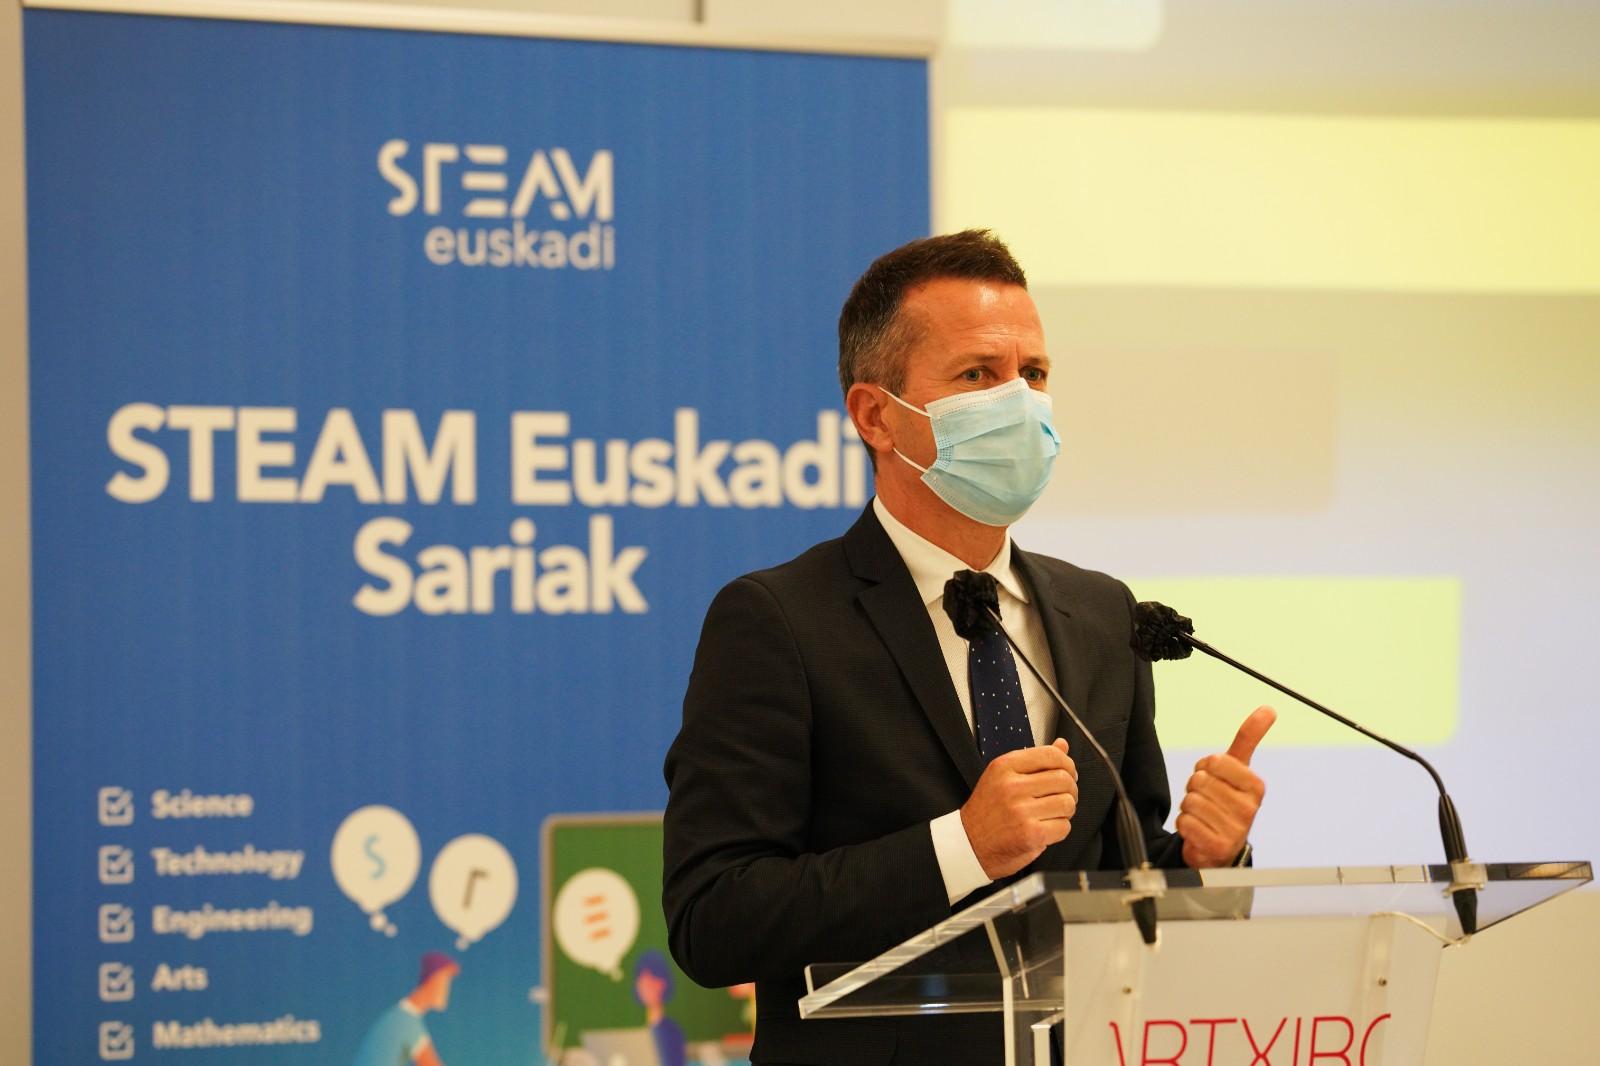 Bildarratz_STEAM_Euskadi_Sariak__5_.jpg